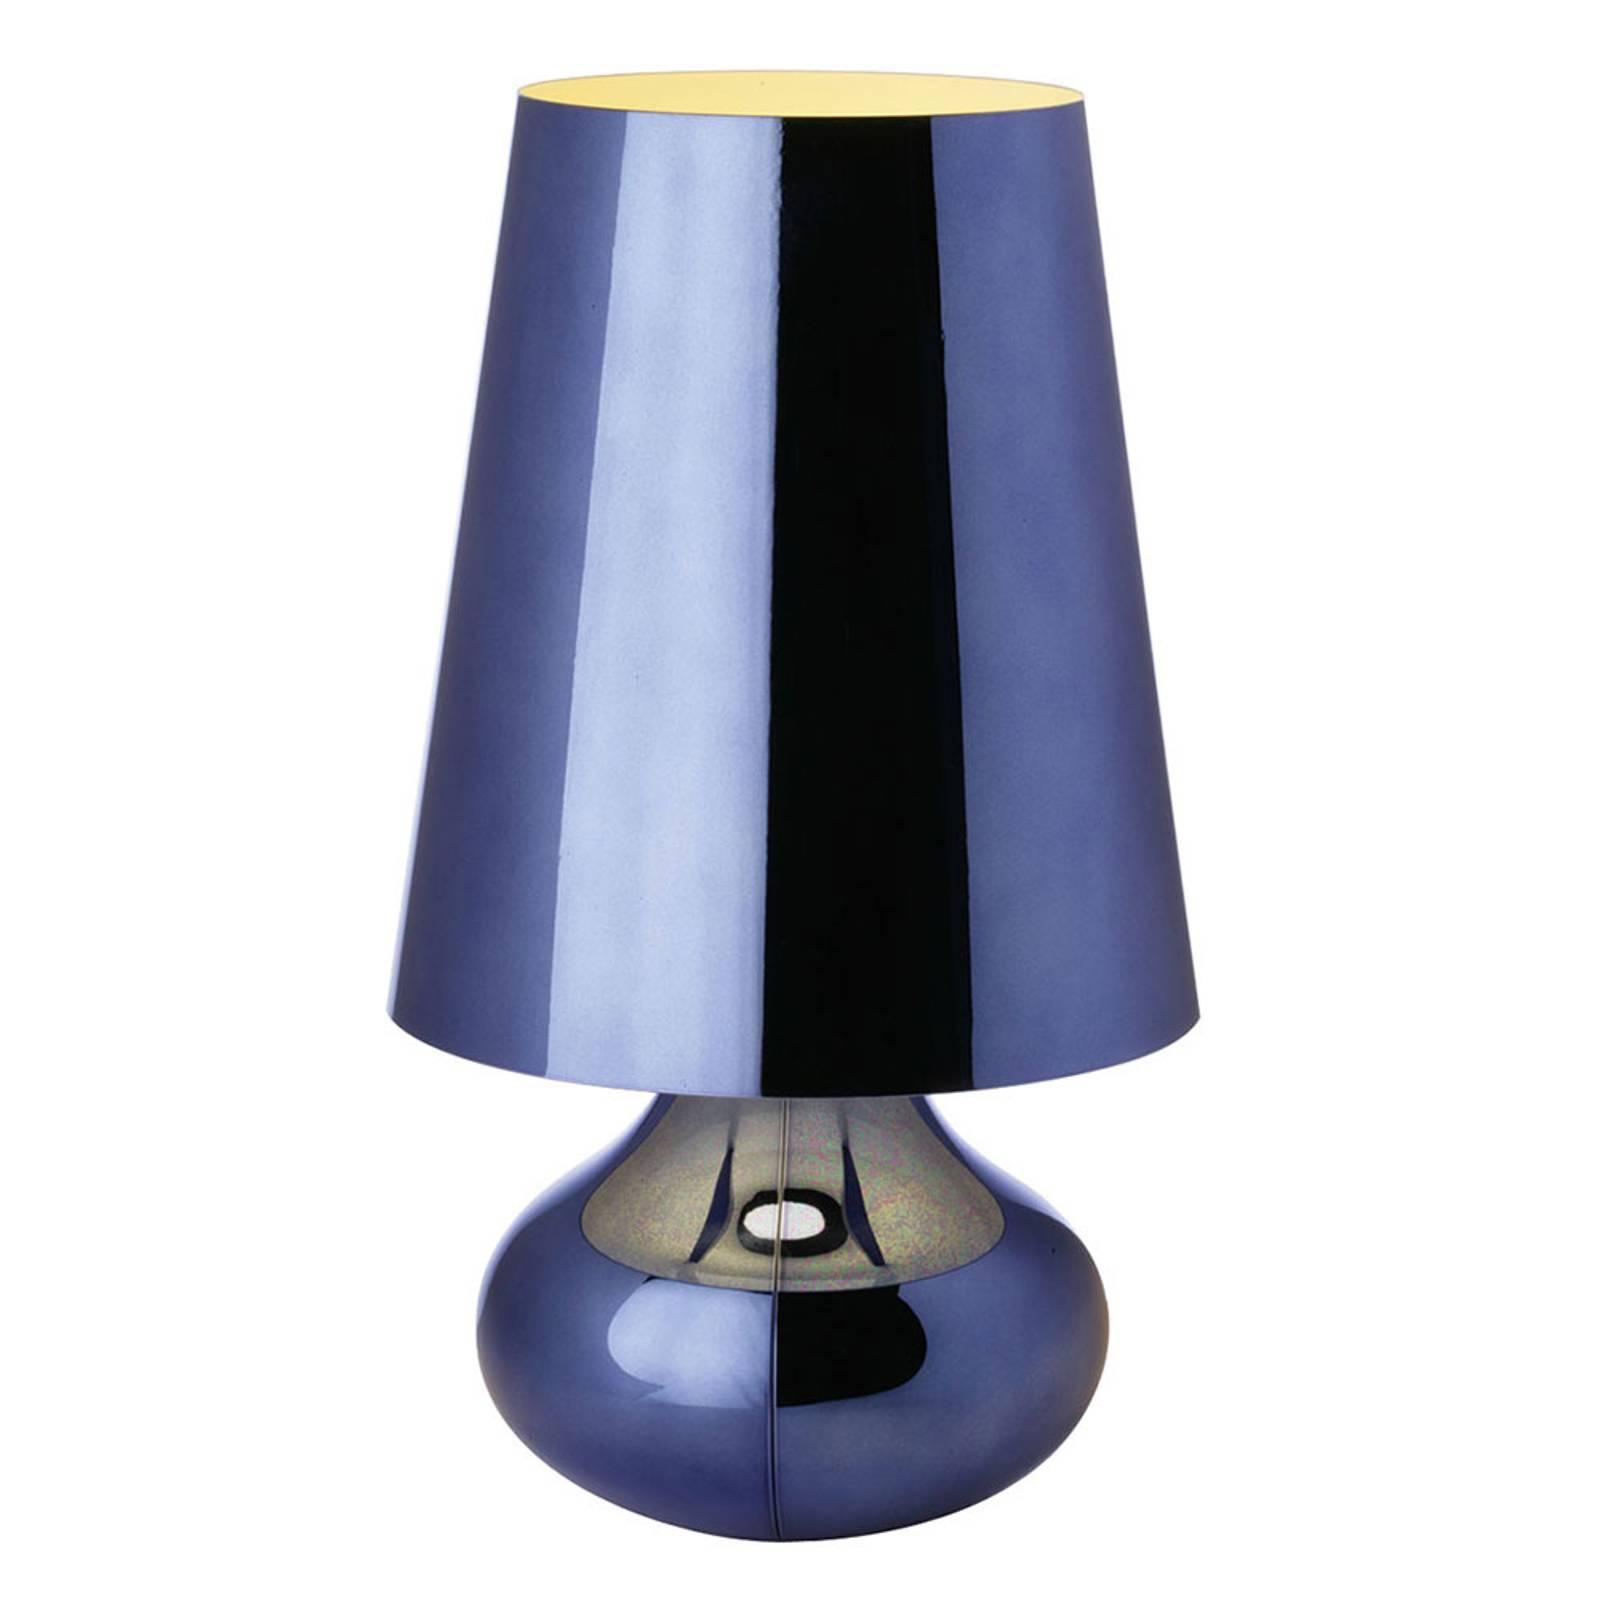 Cindy-yöpöytälamppu, LED, sininen metalli